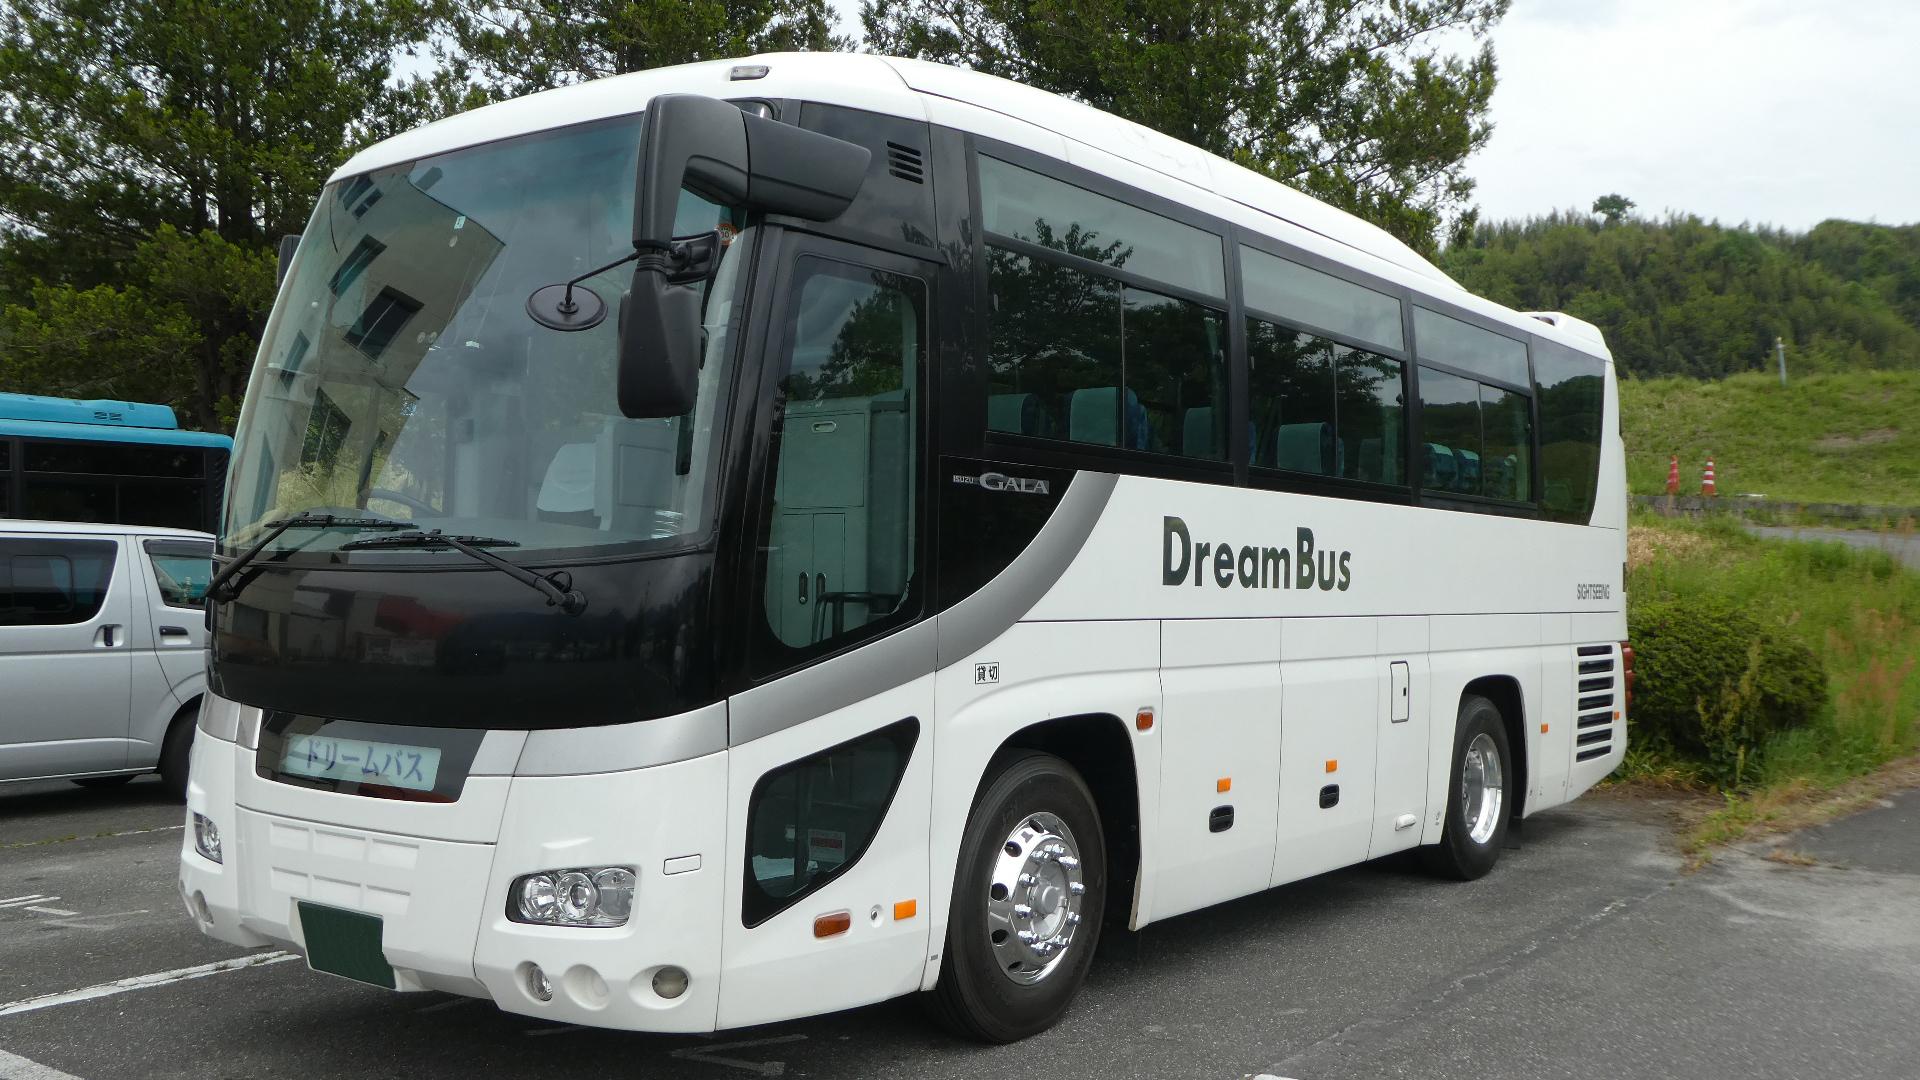 File:Dream bus, Isuzu Gala, Hi-Decker9 (1), png - Wikimedia